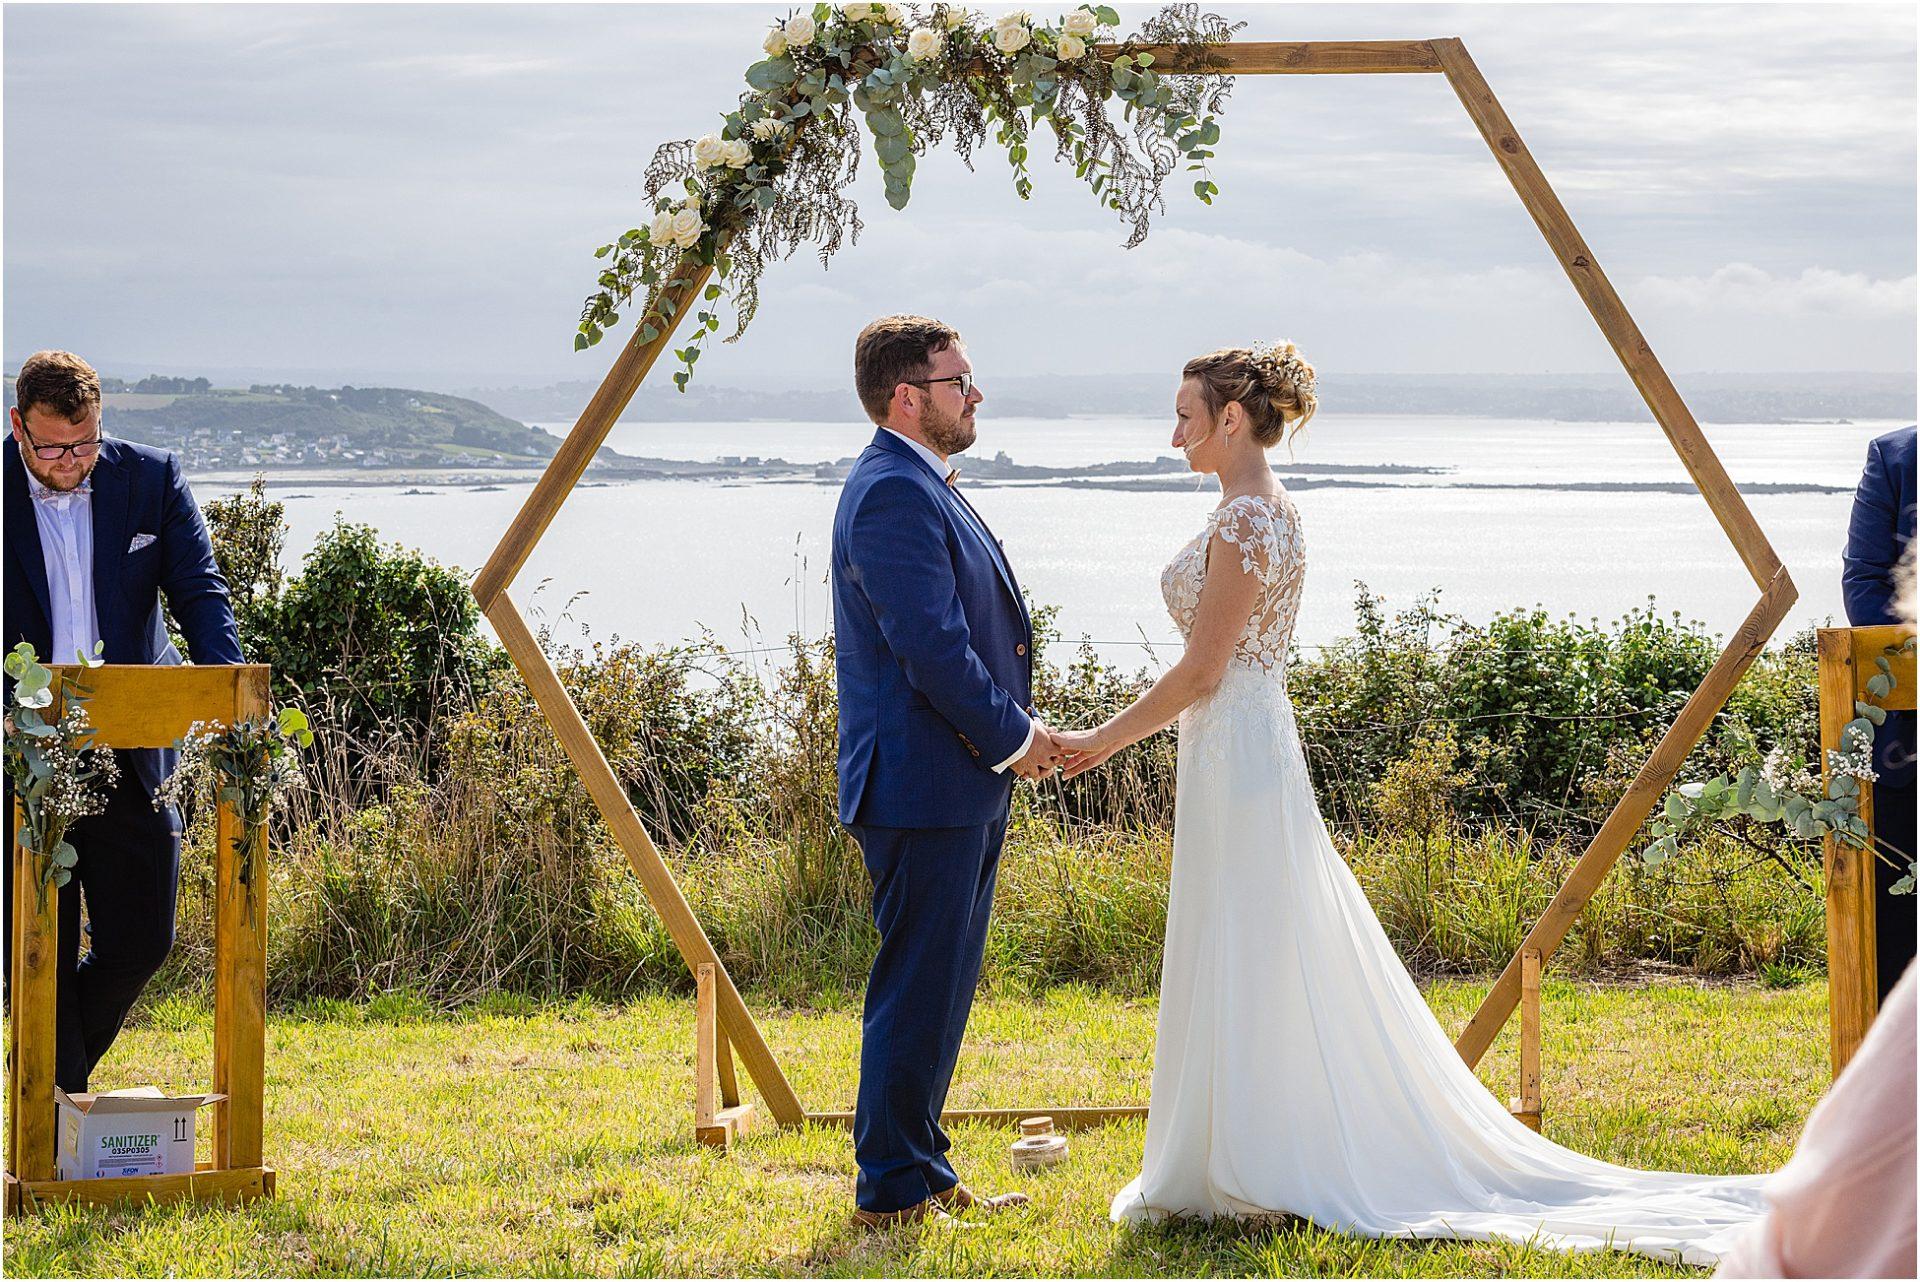 photographe-mariage-cérémonie-mariage-bretagne-janzé